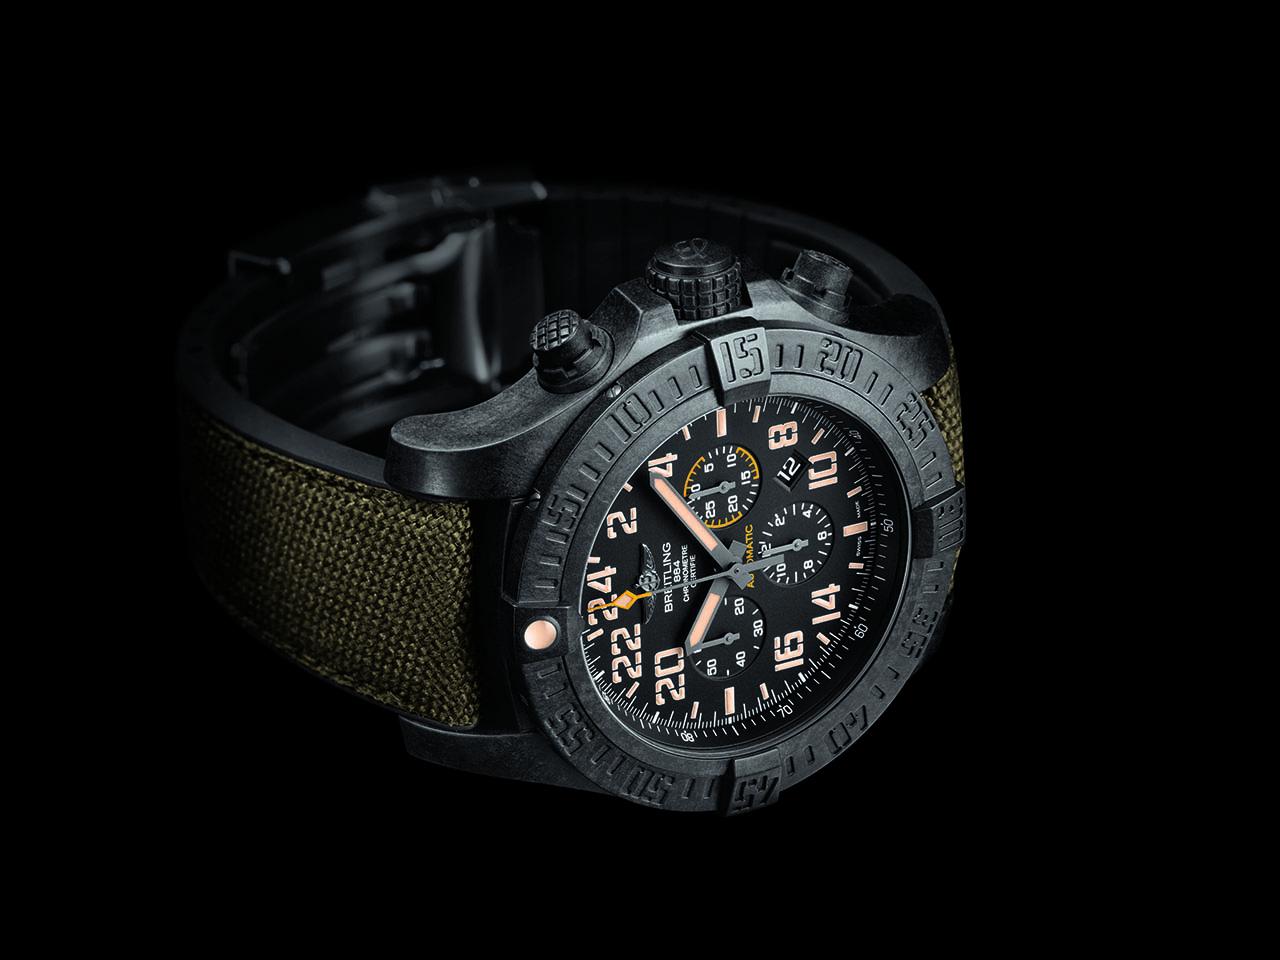 Avenger Hurricane Military